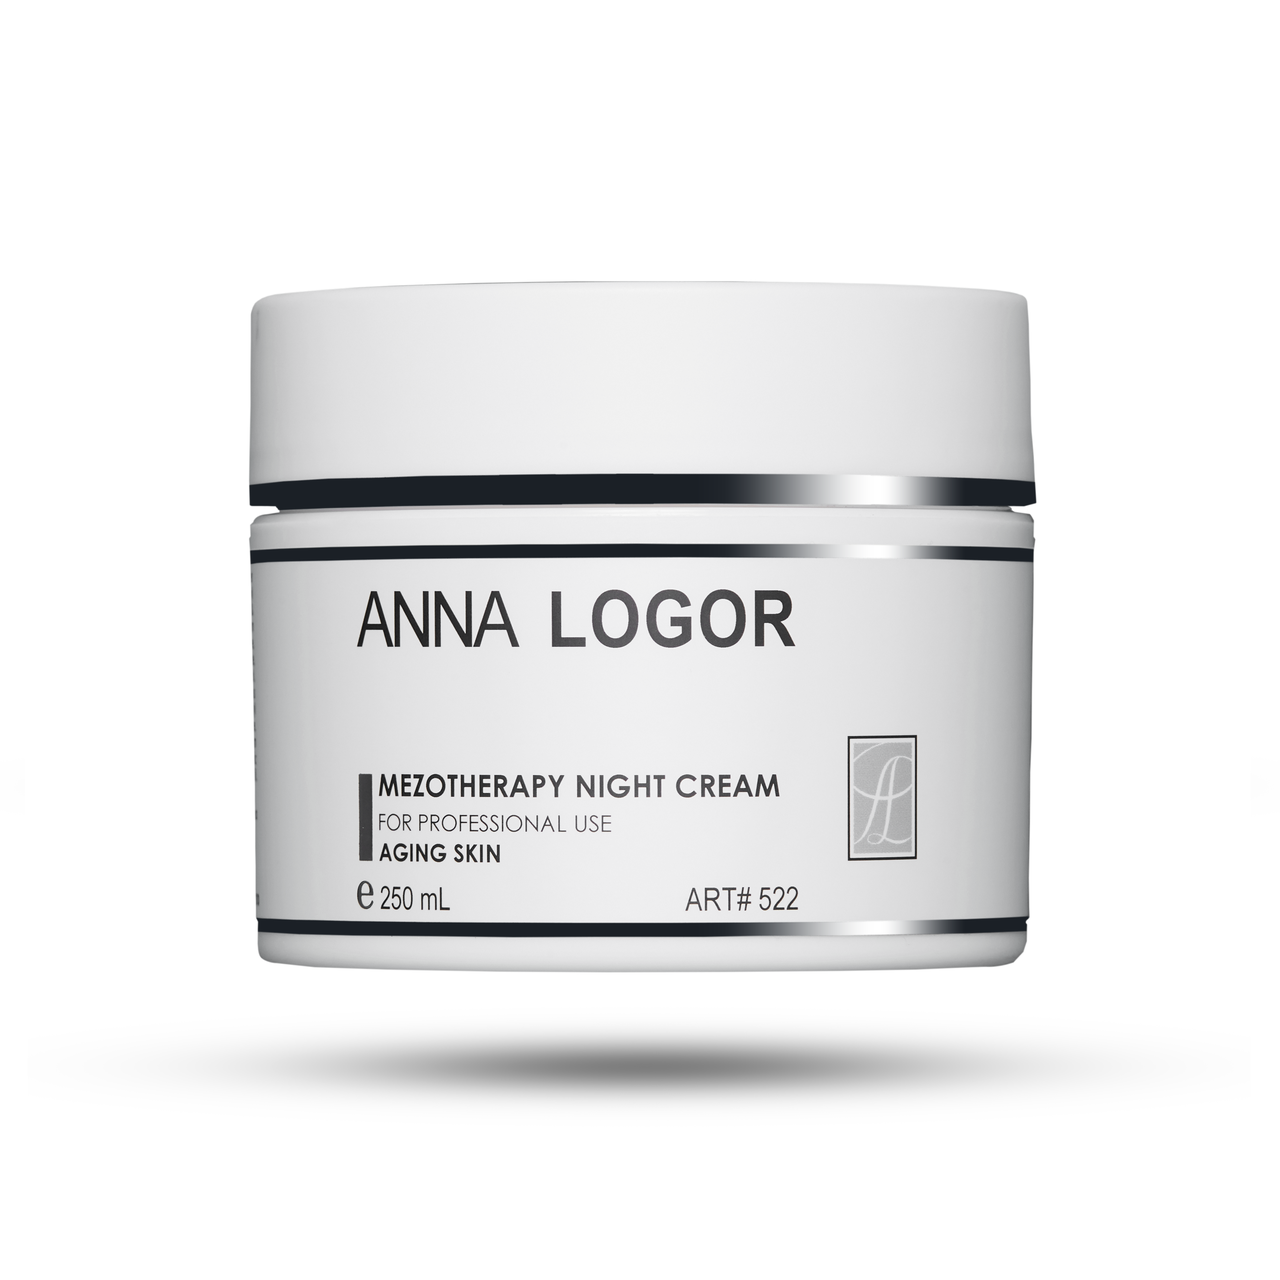 Омолоджуючий нічний крем Анна Логор / Anna Logor Mezotherapy Night Crem 250ml Код 522